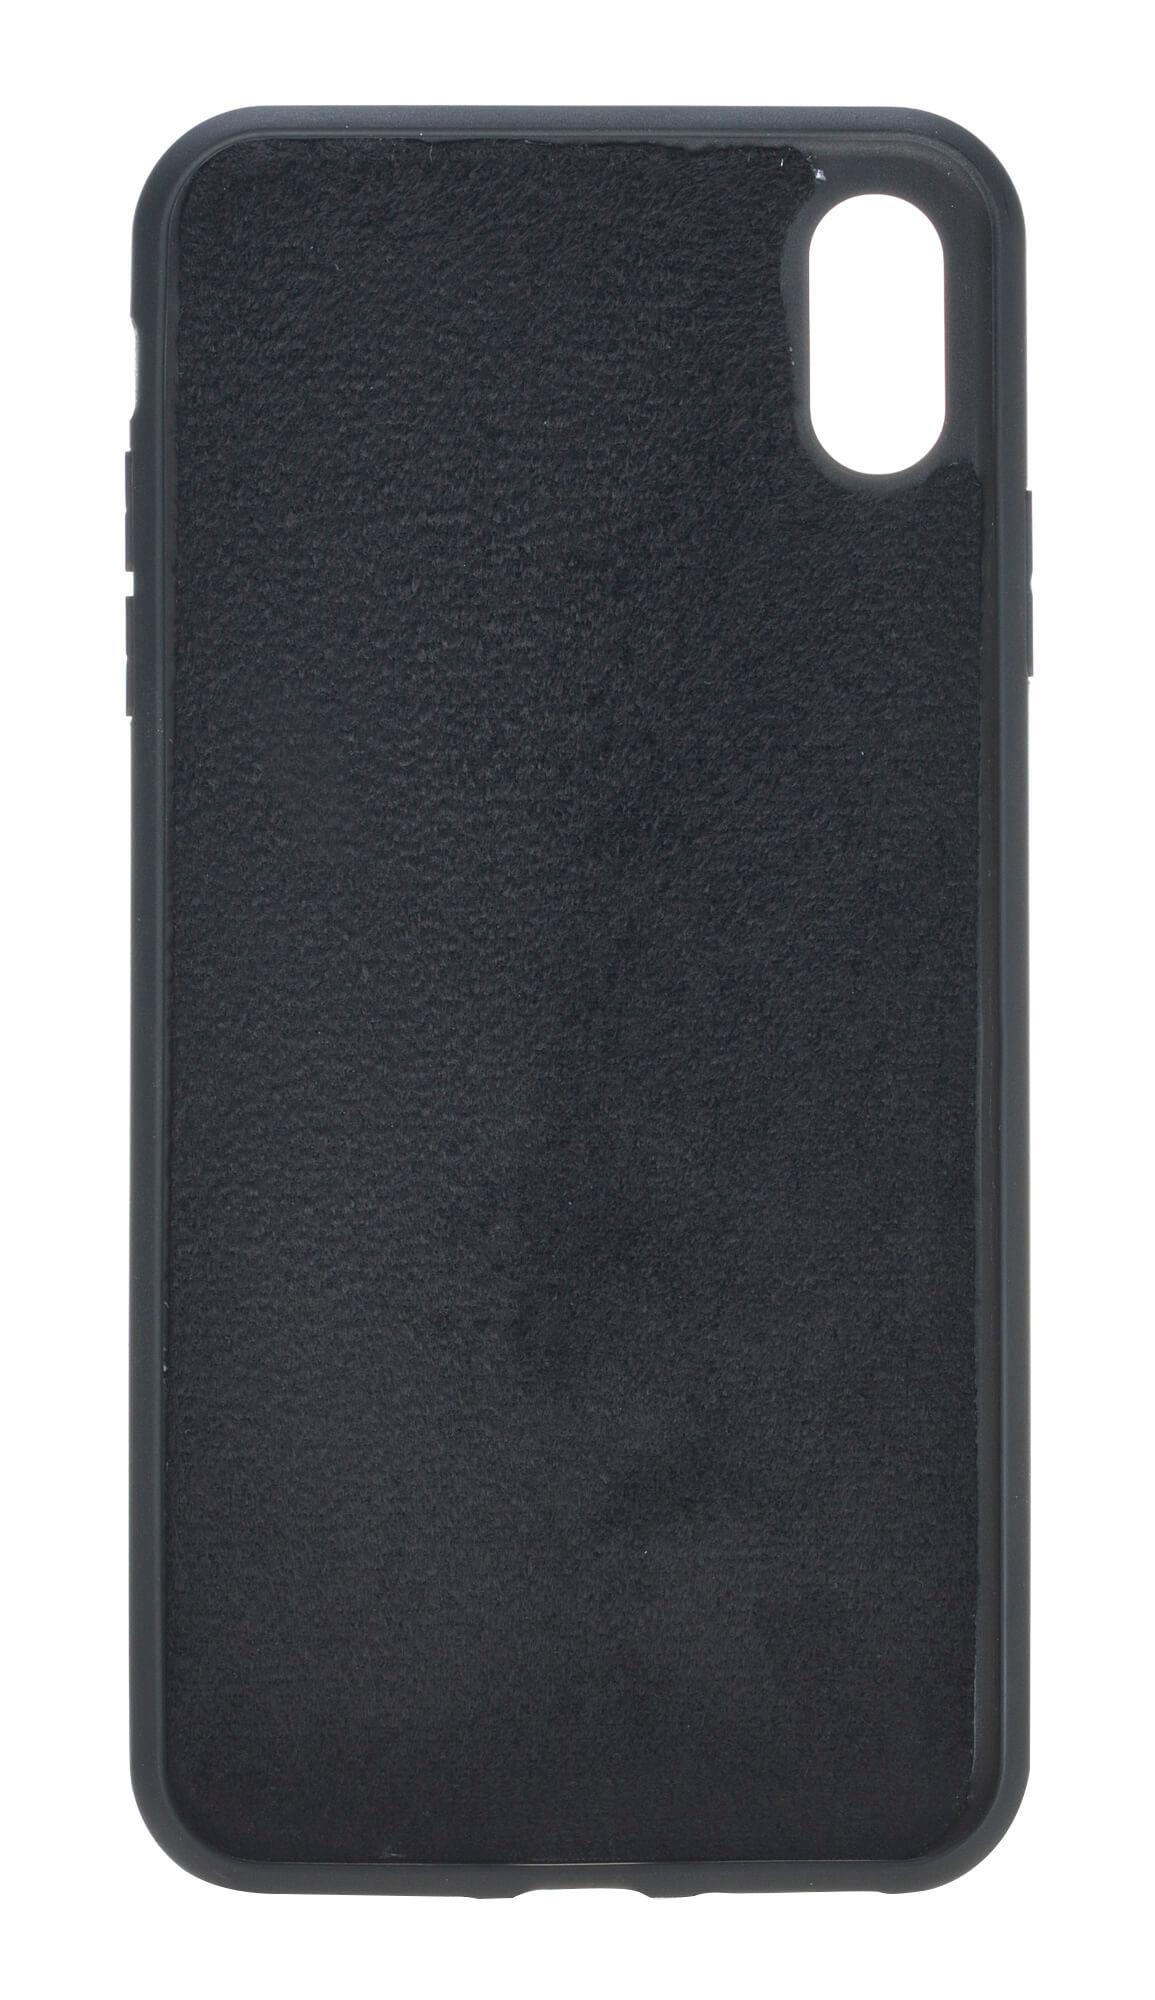 """iPhone XS Max Abnehmbare Lederhülle """"Harvard"""" in Krokoprägung Schwarz"""